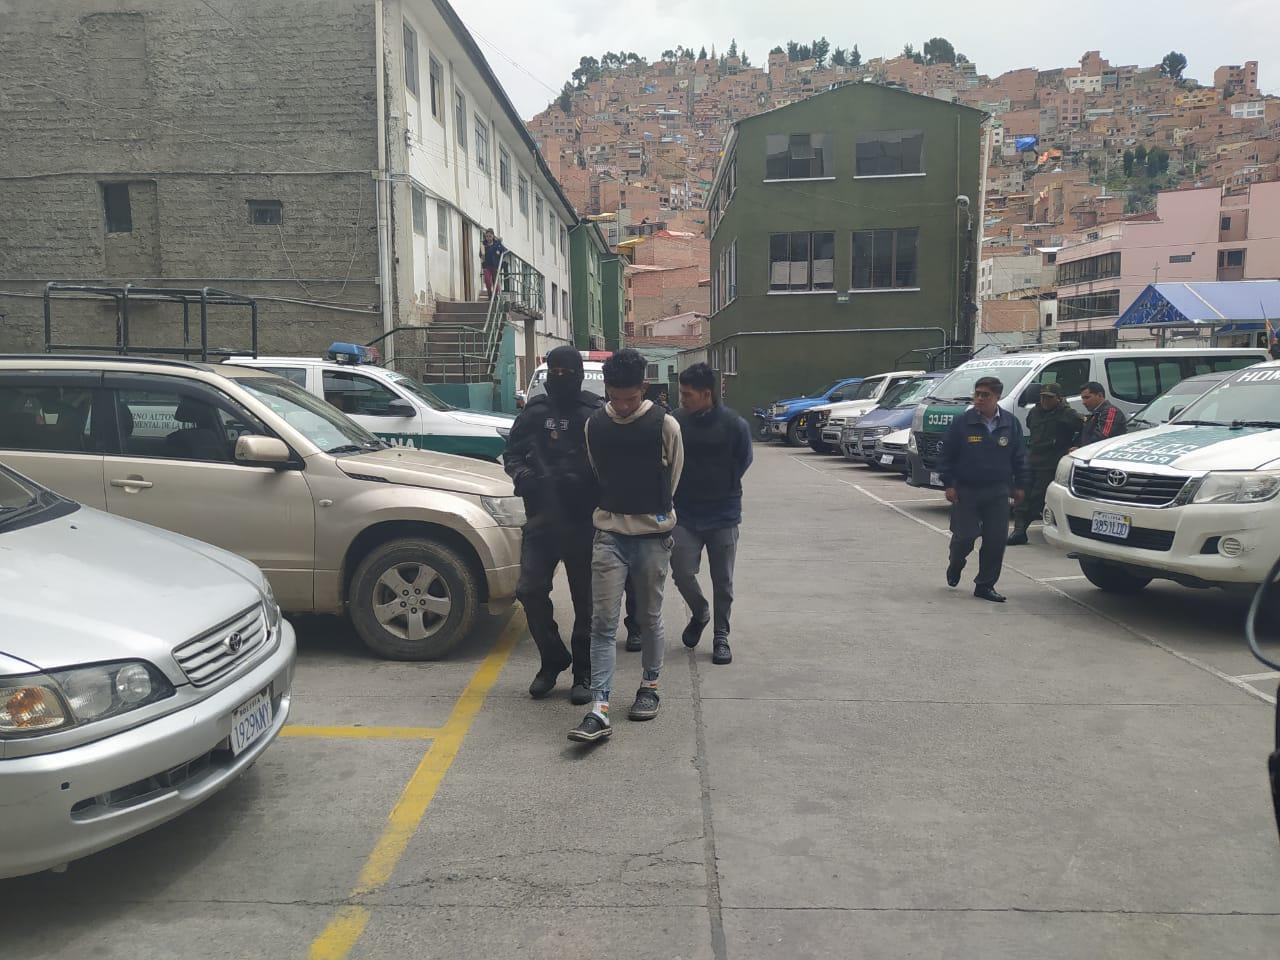 Nuevamente los migrantes venezolanos protagonizan actos delictivos en La Paz / ÁNGEL SALAZAR